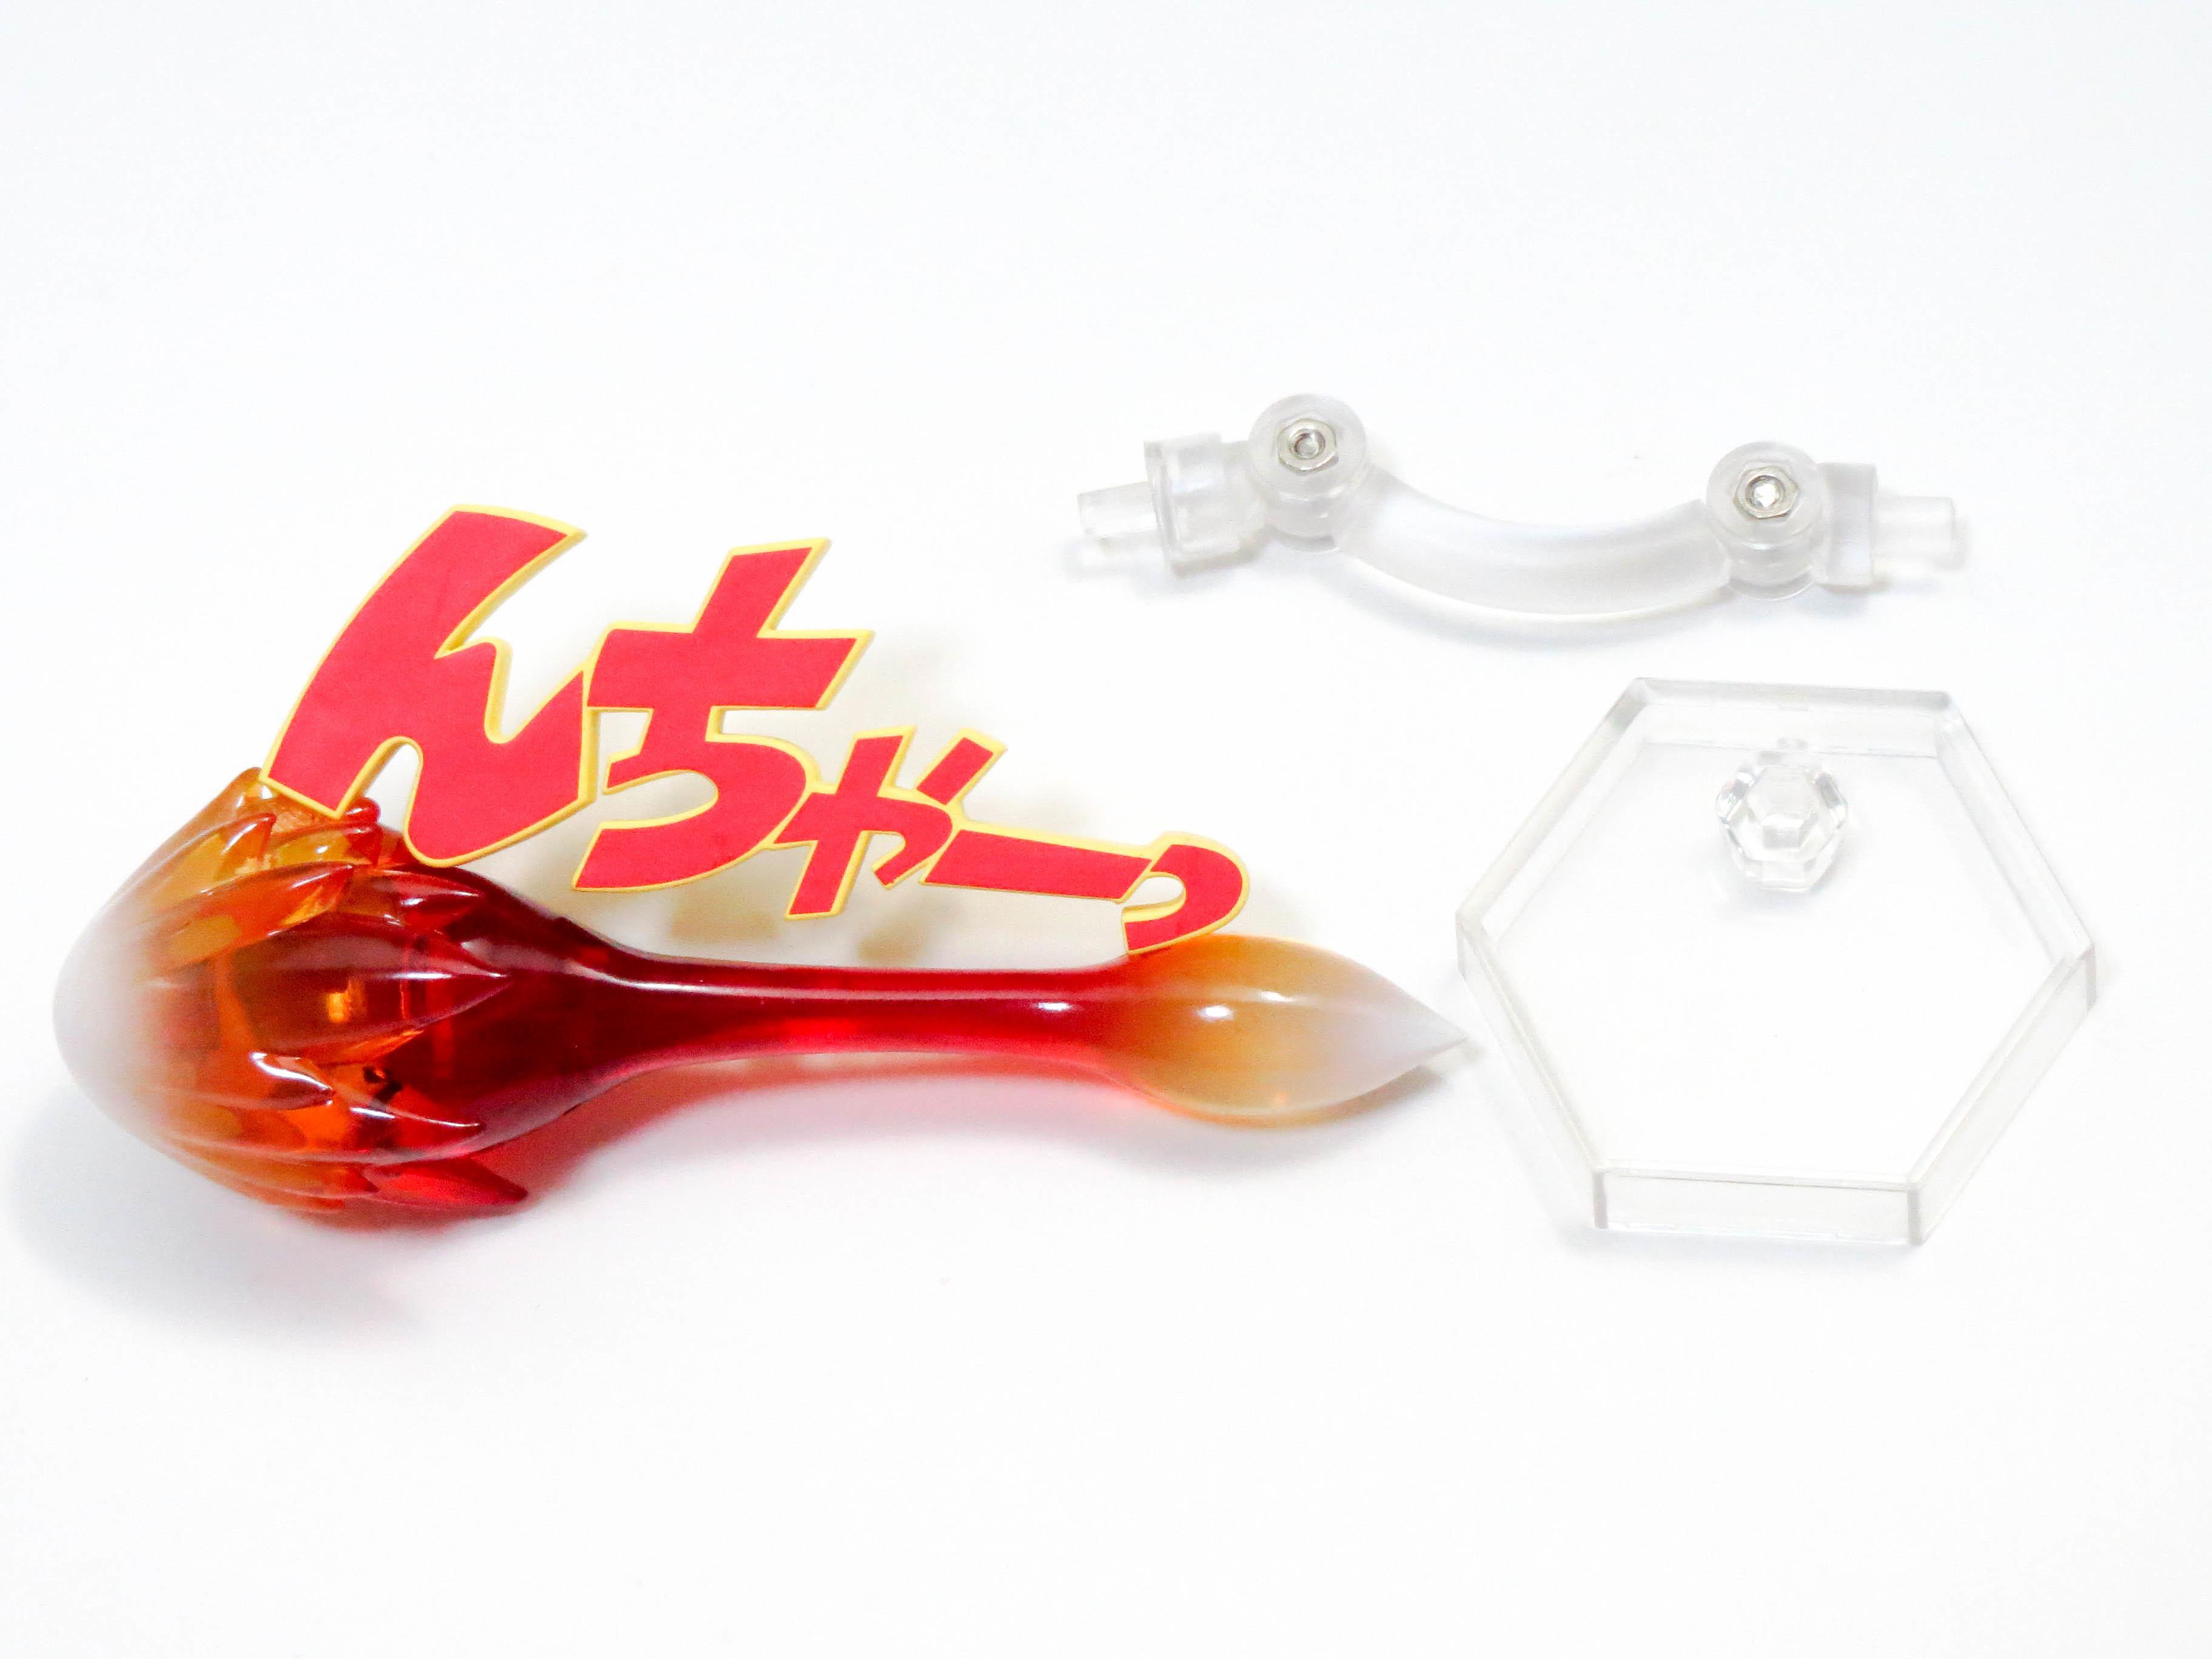 【SALE】【900】 則巻アラレ 小物パーツ んちゃ砲 ねんどろいど